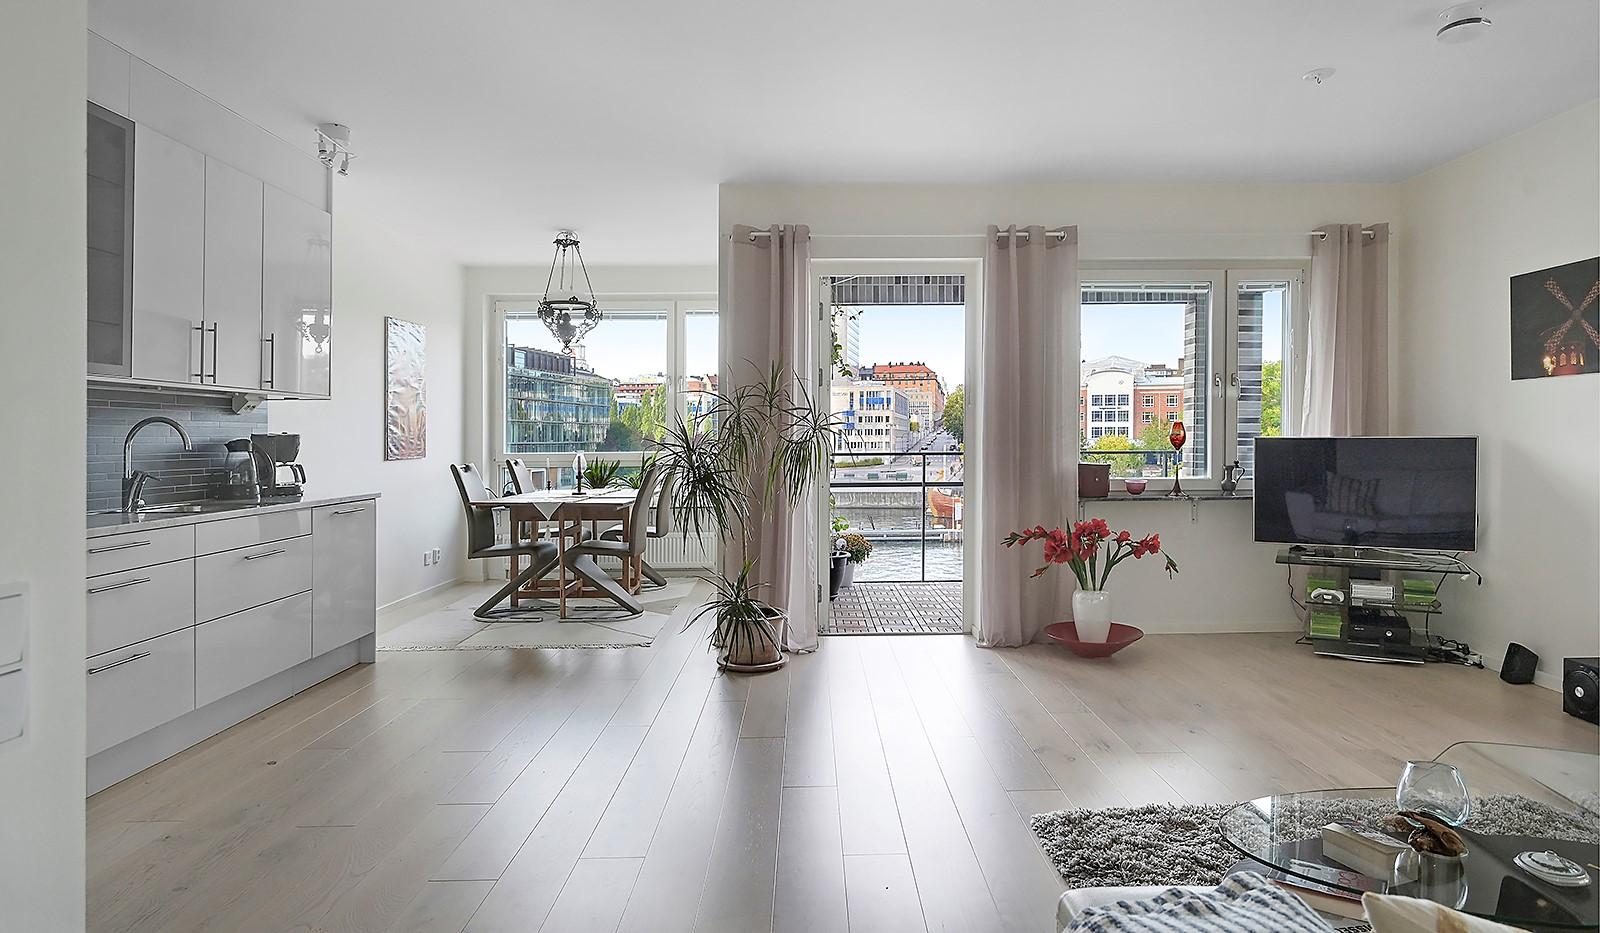 Fredriksdalsgatan 24, vån 2 - Härligt ljusinsläpp från stora fönsterpartier